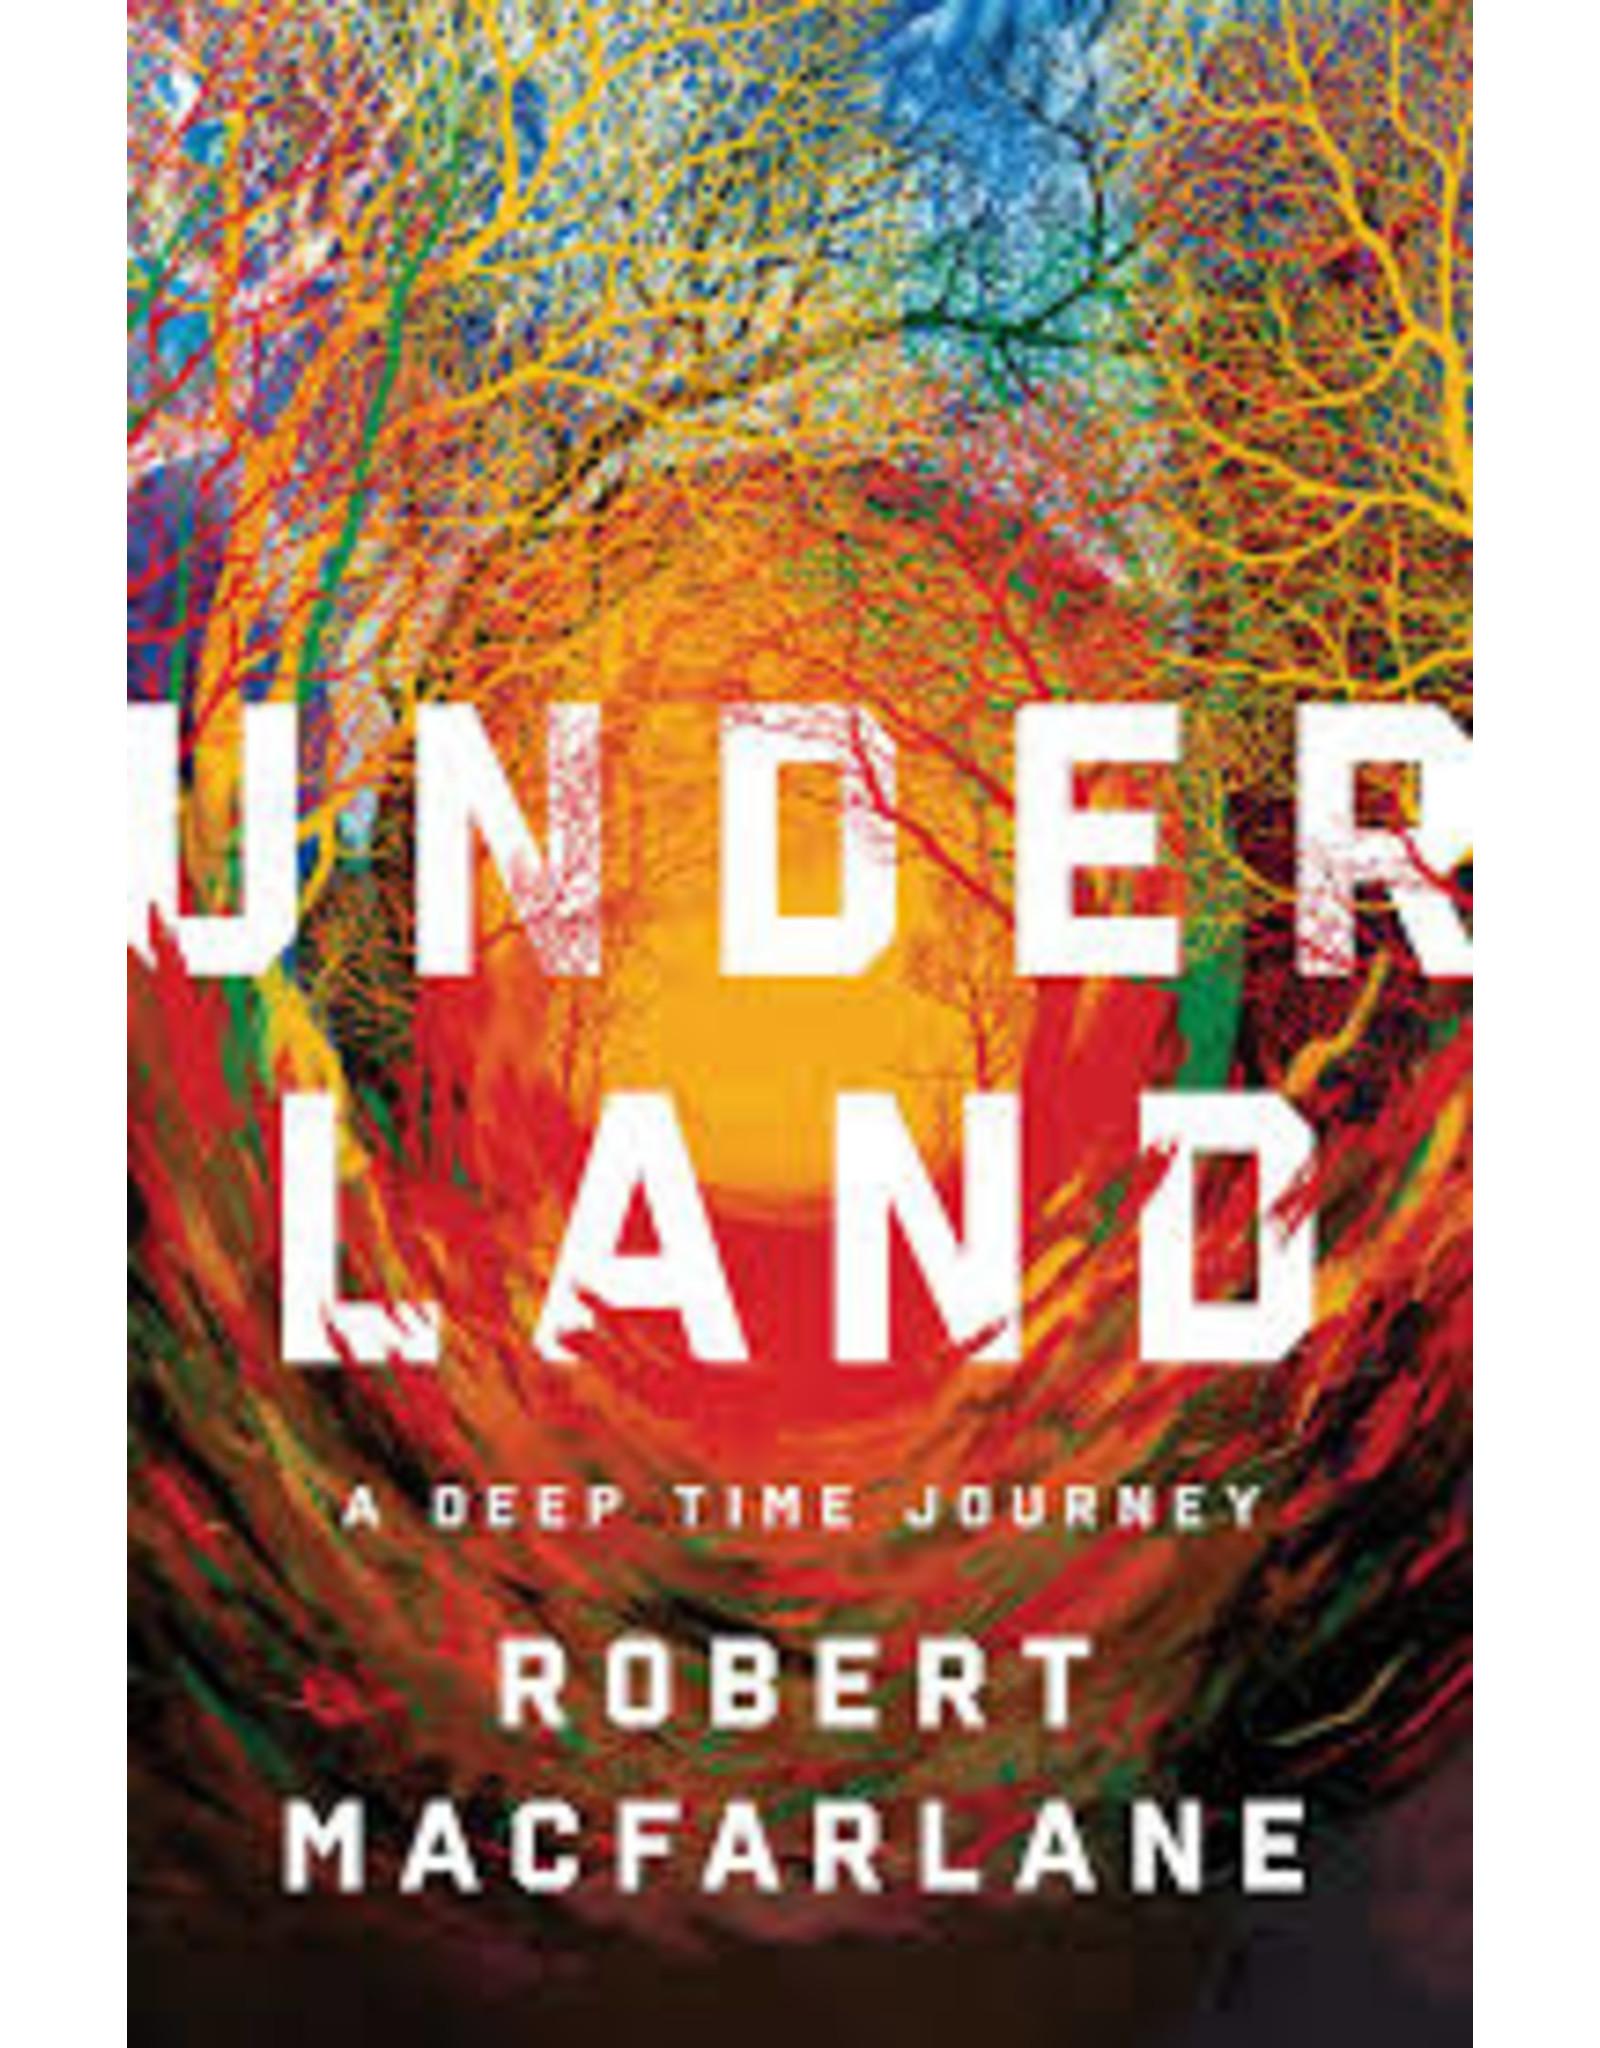 Books Underland : A Deep Time Journey by Robert MacFarlane